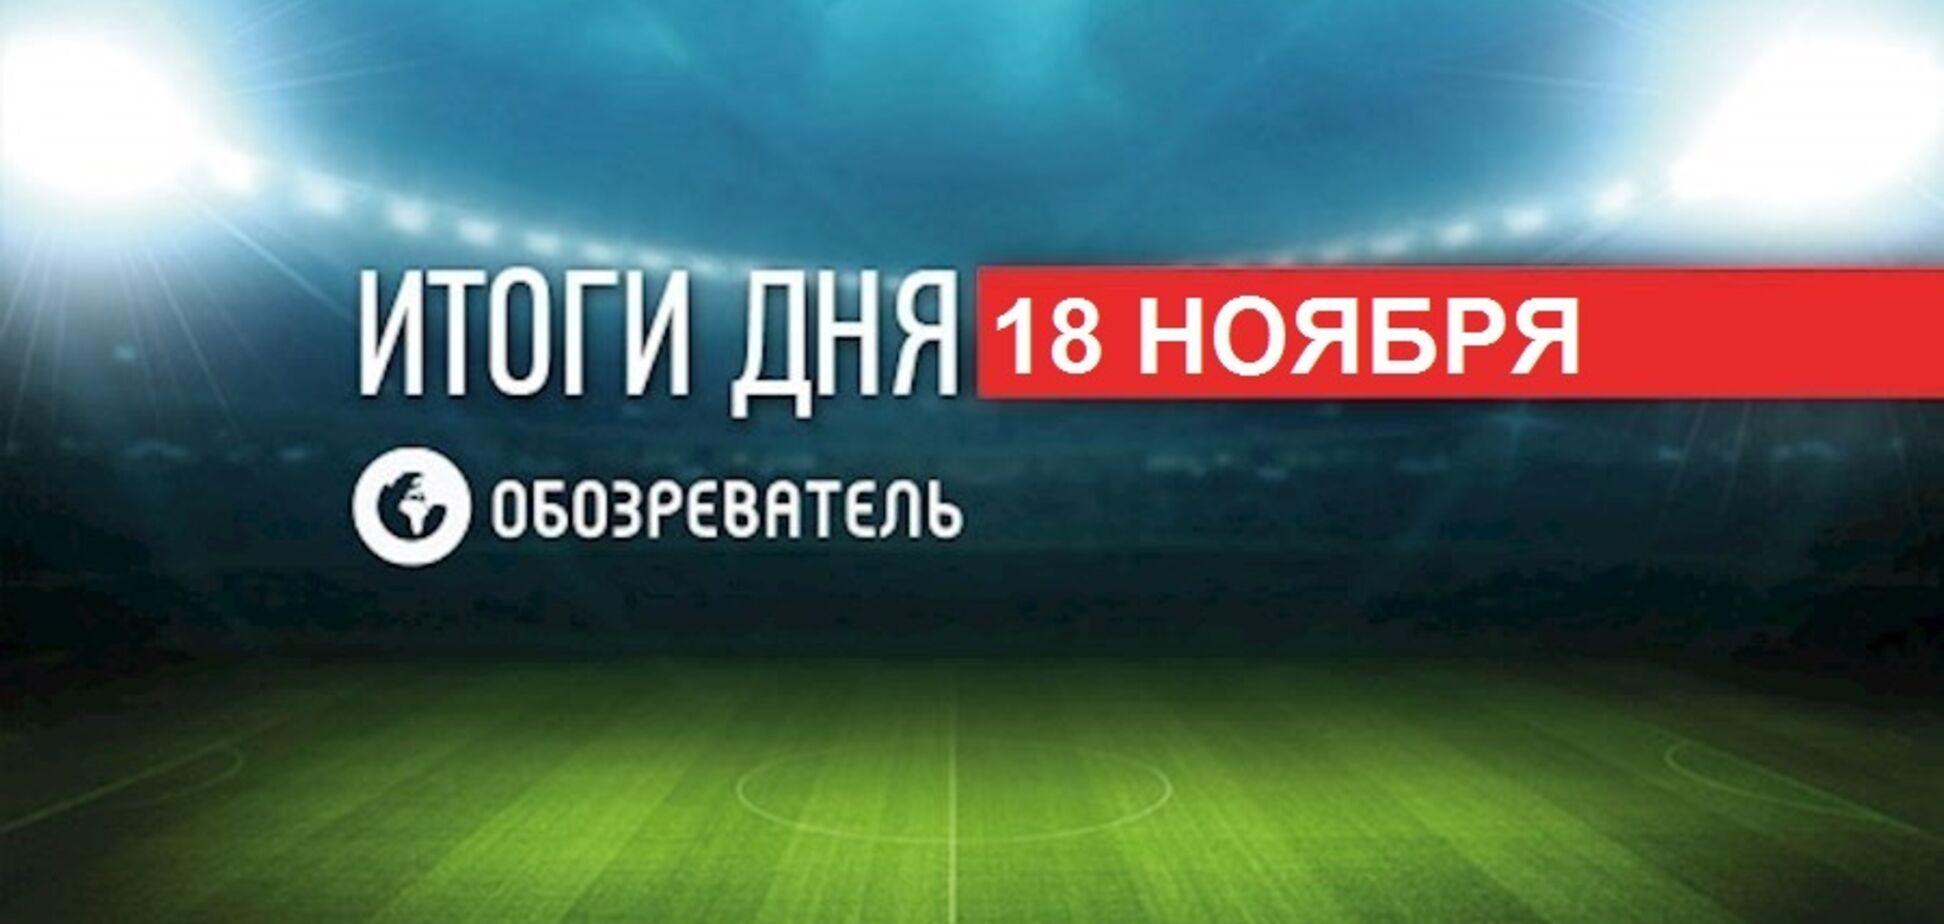 Українка виграла чемпіонат світу з фітнесу: спортивні підсумки 18 листопада